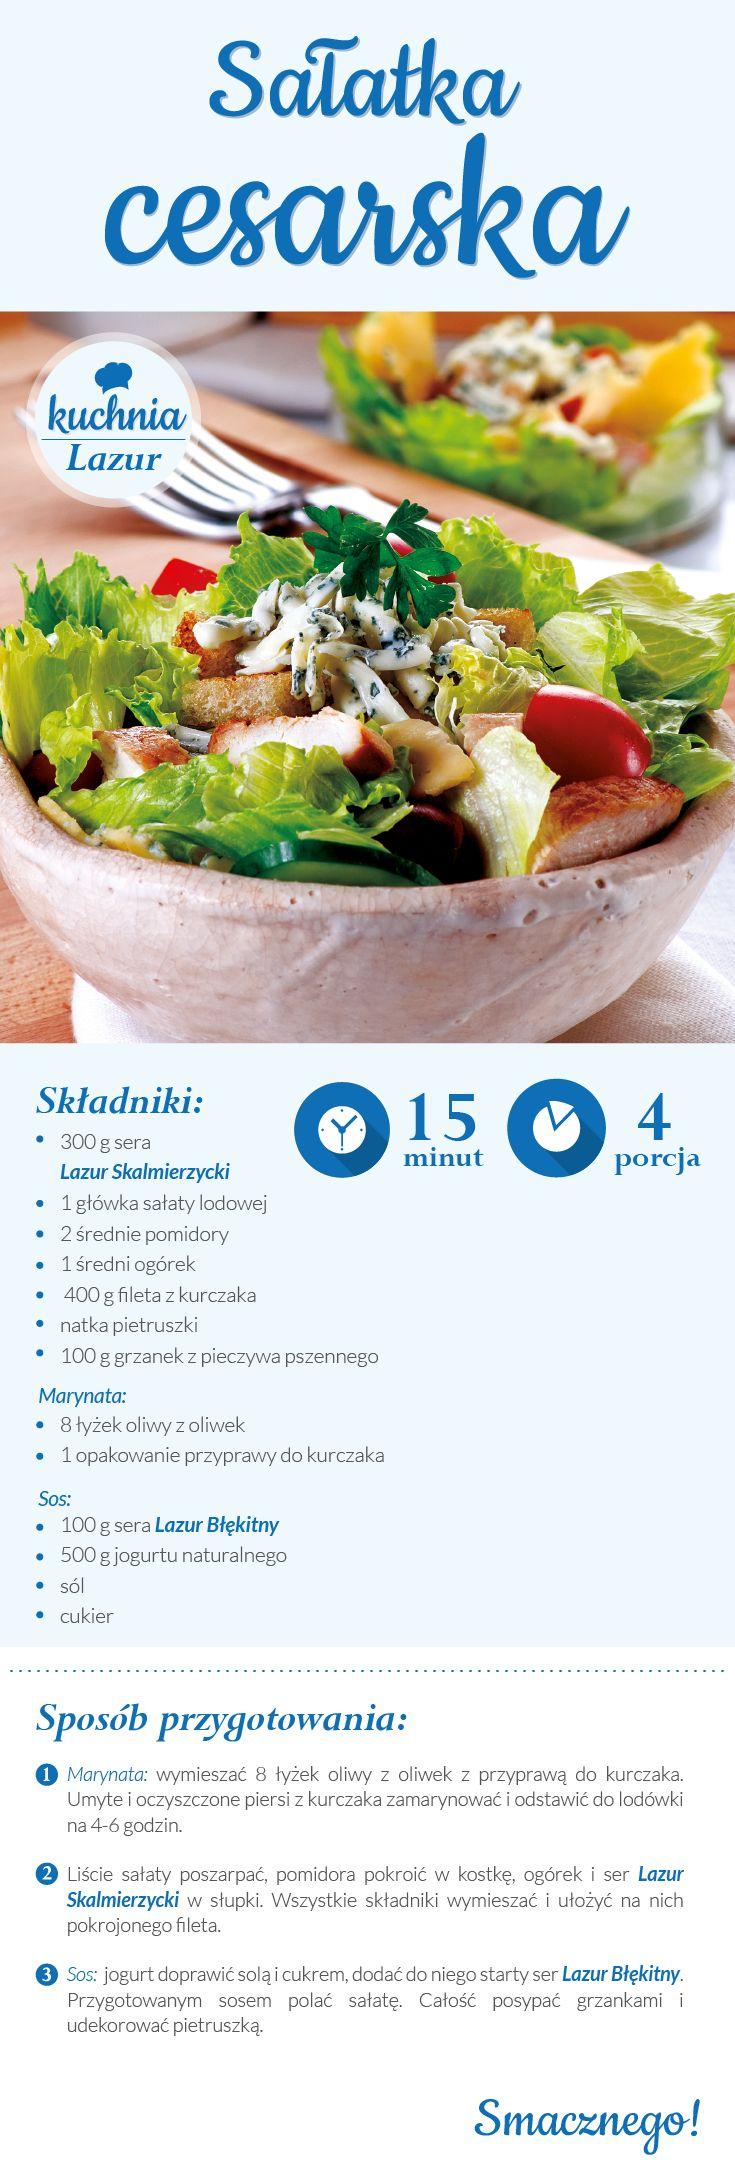 Sałatka cesarska /sałatka /cesarska /Lazur /ser pleśniowy /rokpol /przepisy /kuchnia lazur